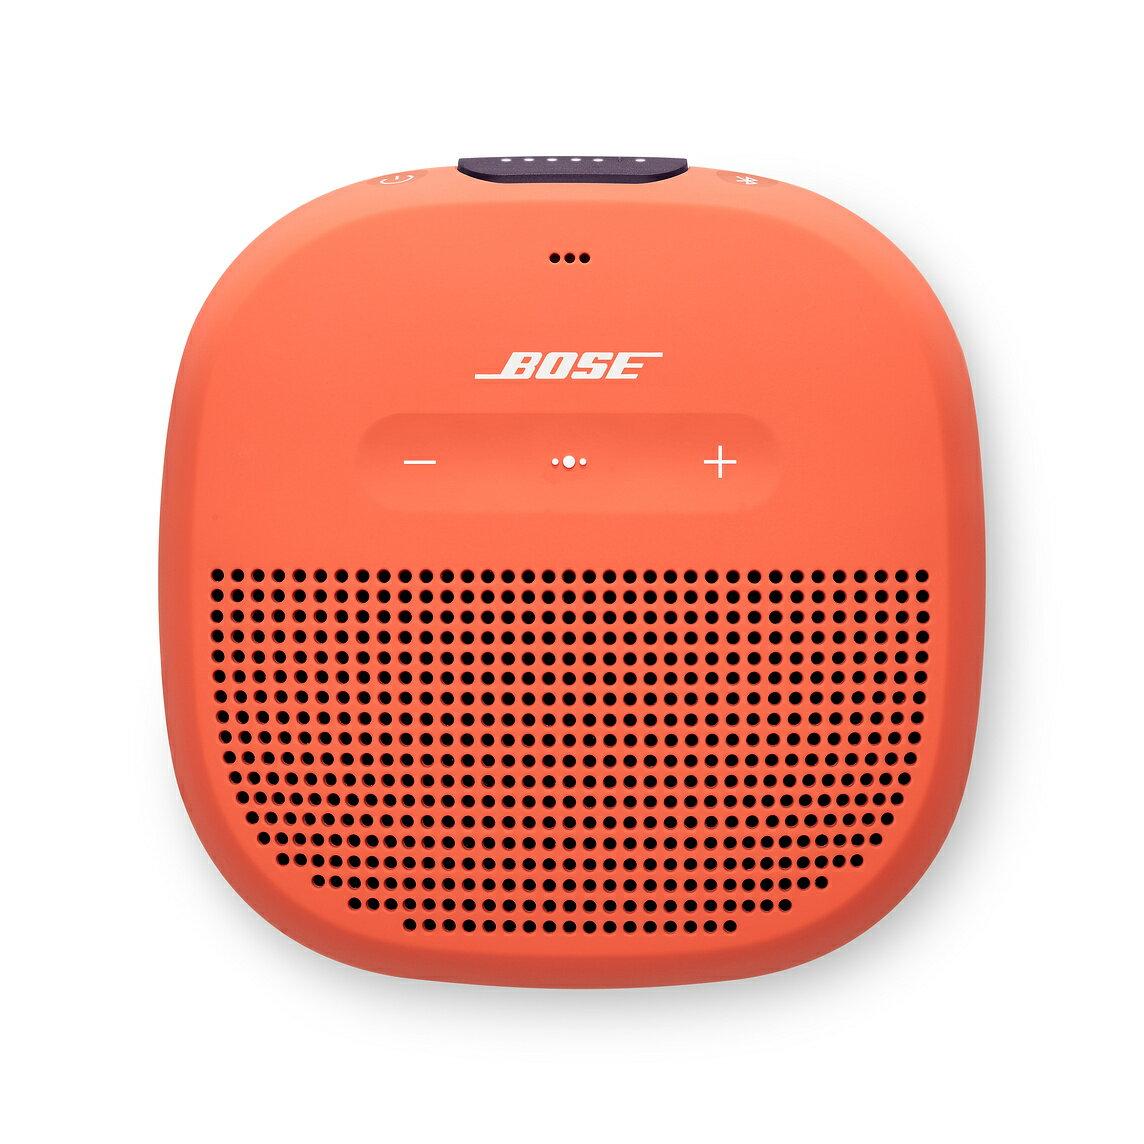 全新 BOSE 原廠 鮮橙色 SoundLink Micro 藍牙揚聲器